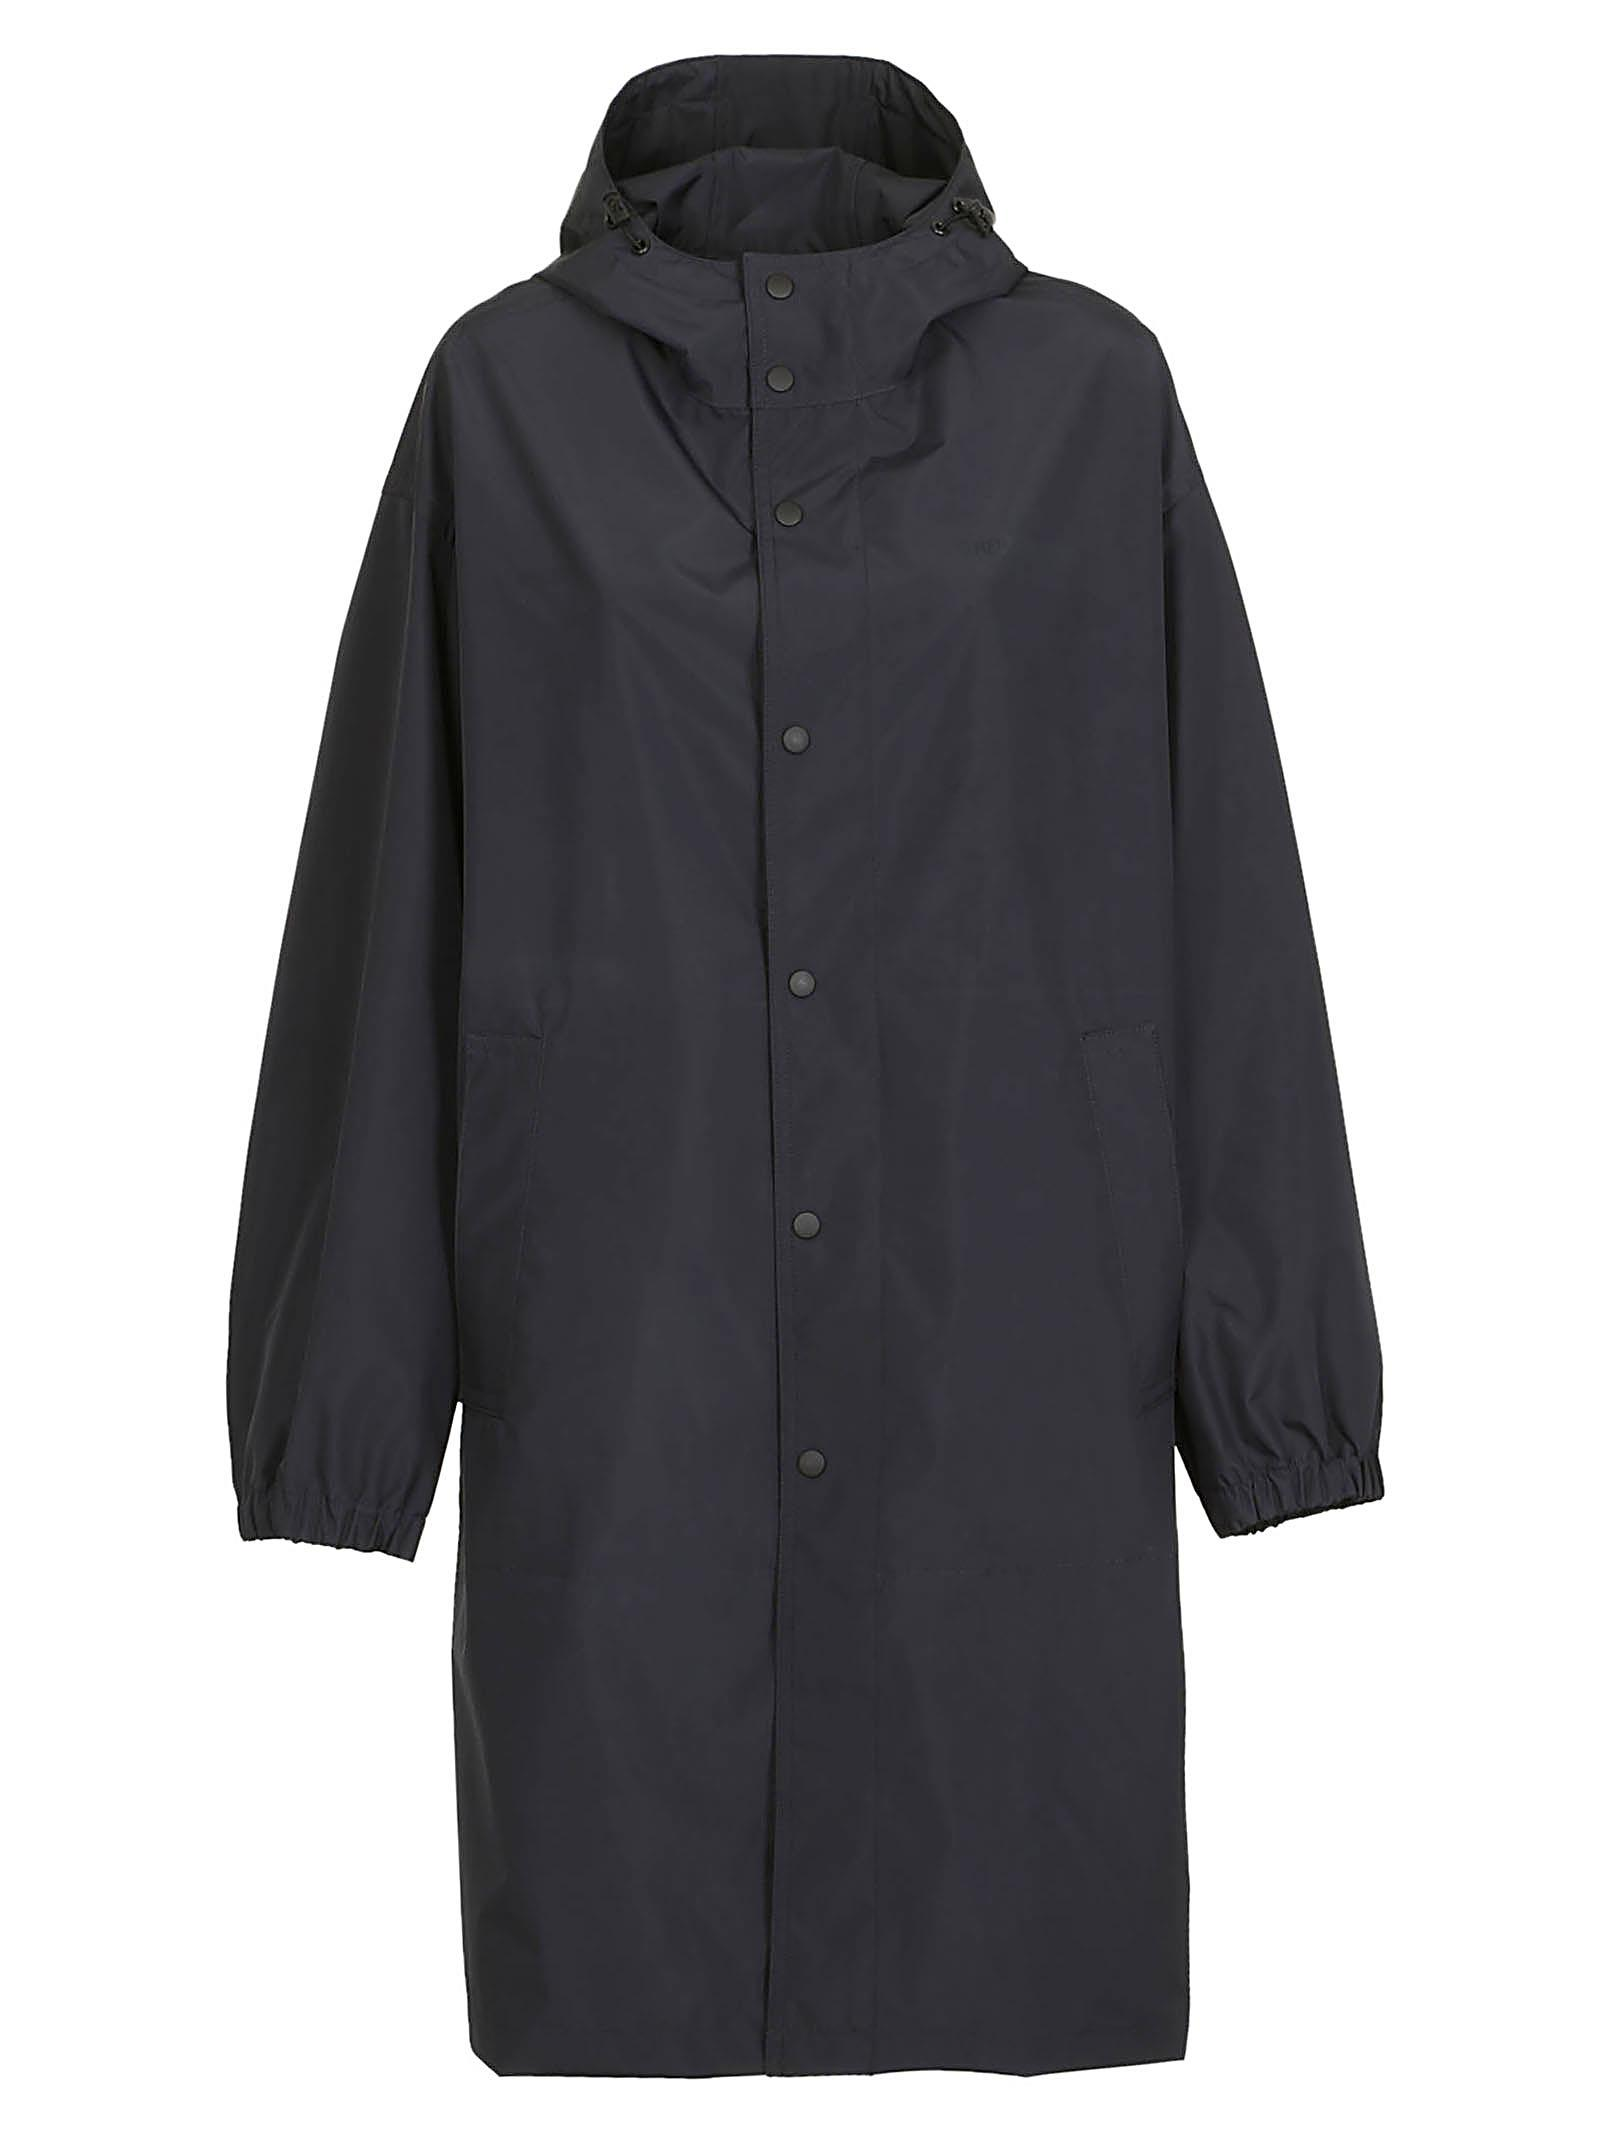 Helmut Lang Raincoat